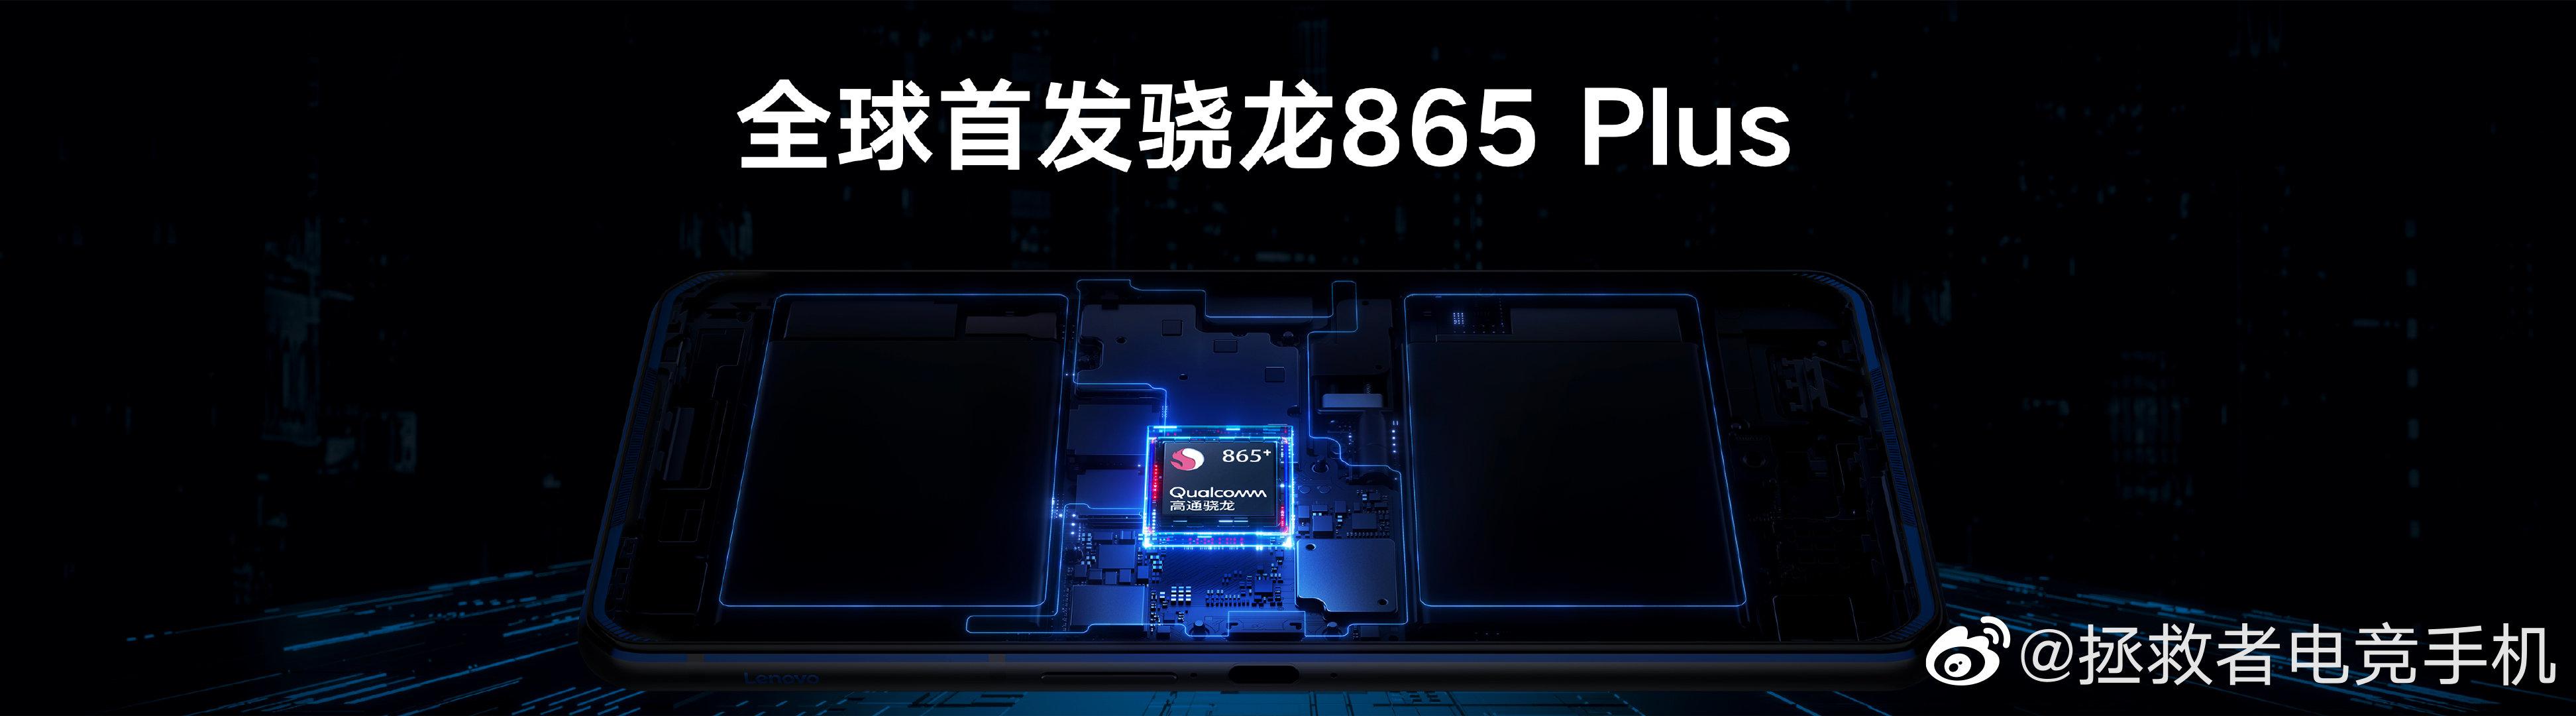 首发高通骁龙865 Plus 联想拯救者电竞手机Pro发布 3499元起